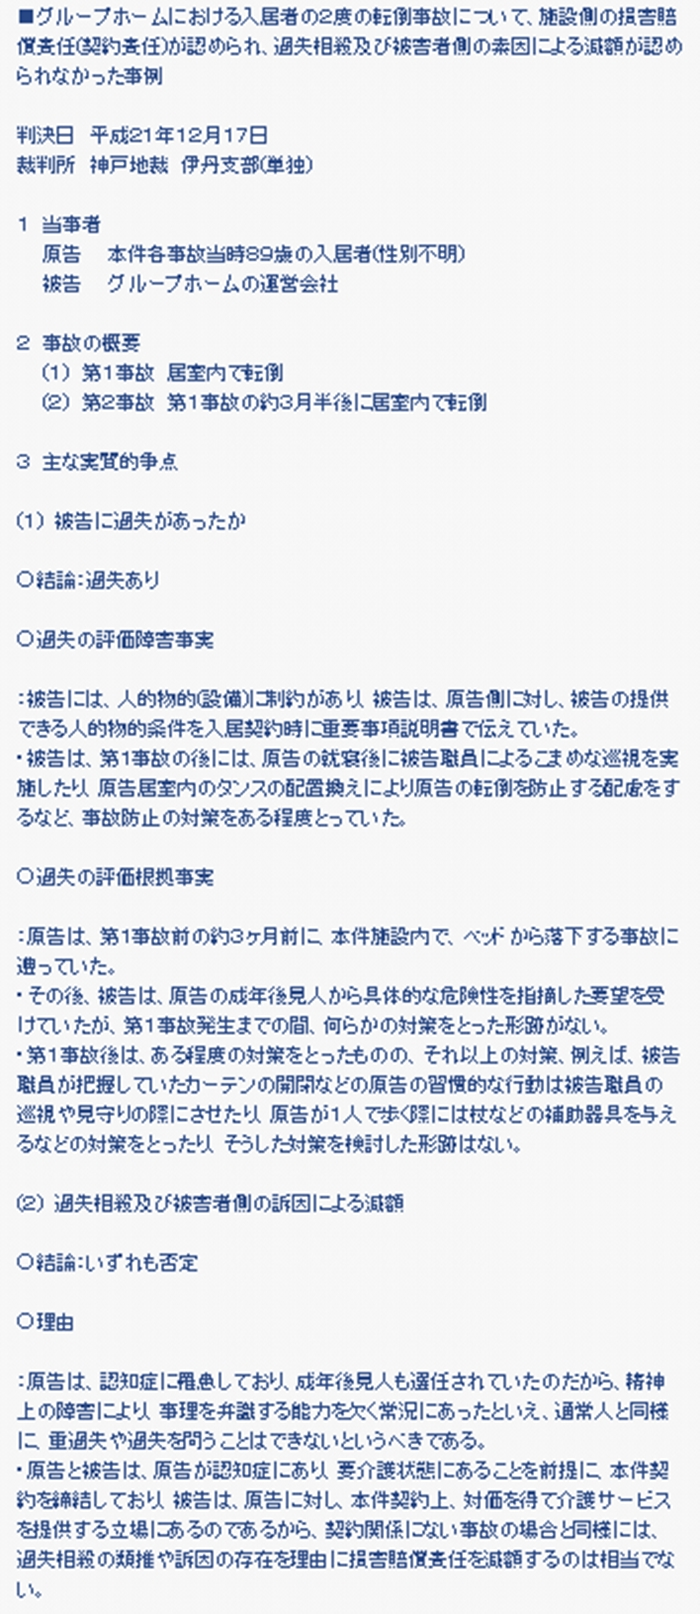 神戸地裁H21年12月17日転倒